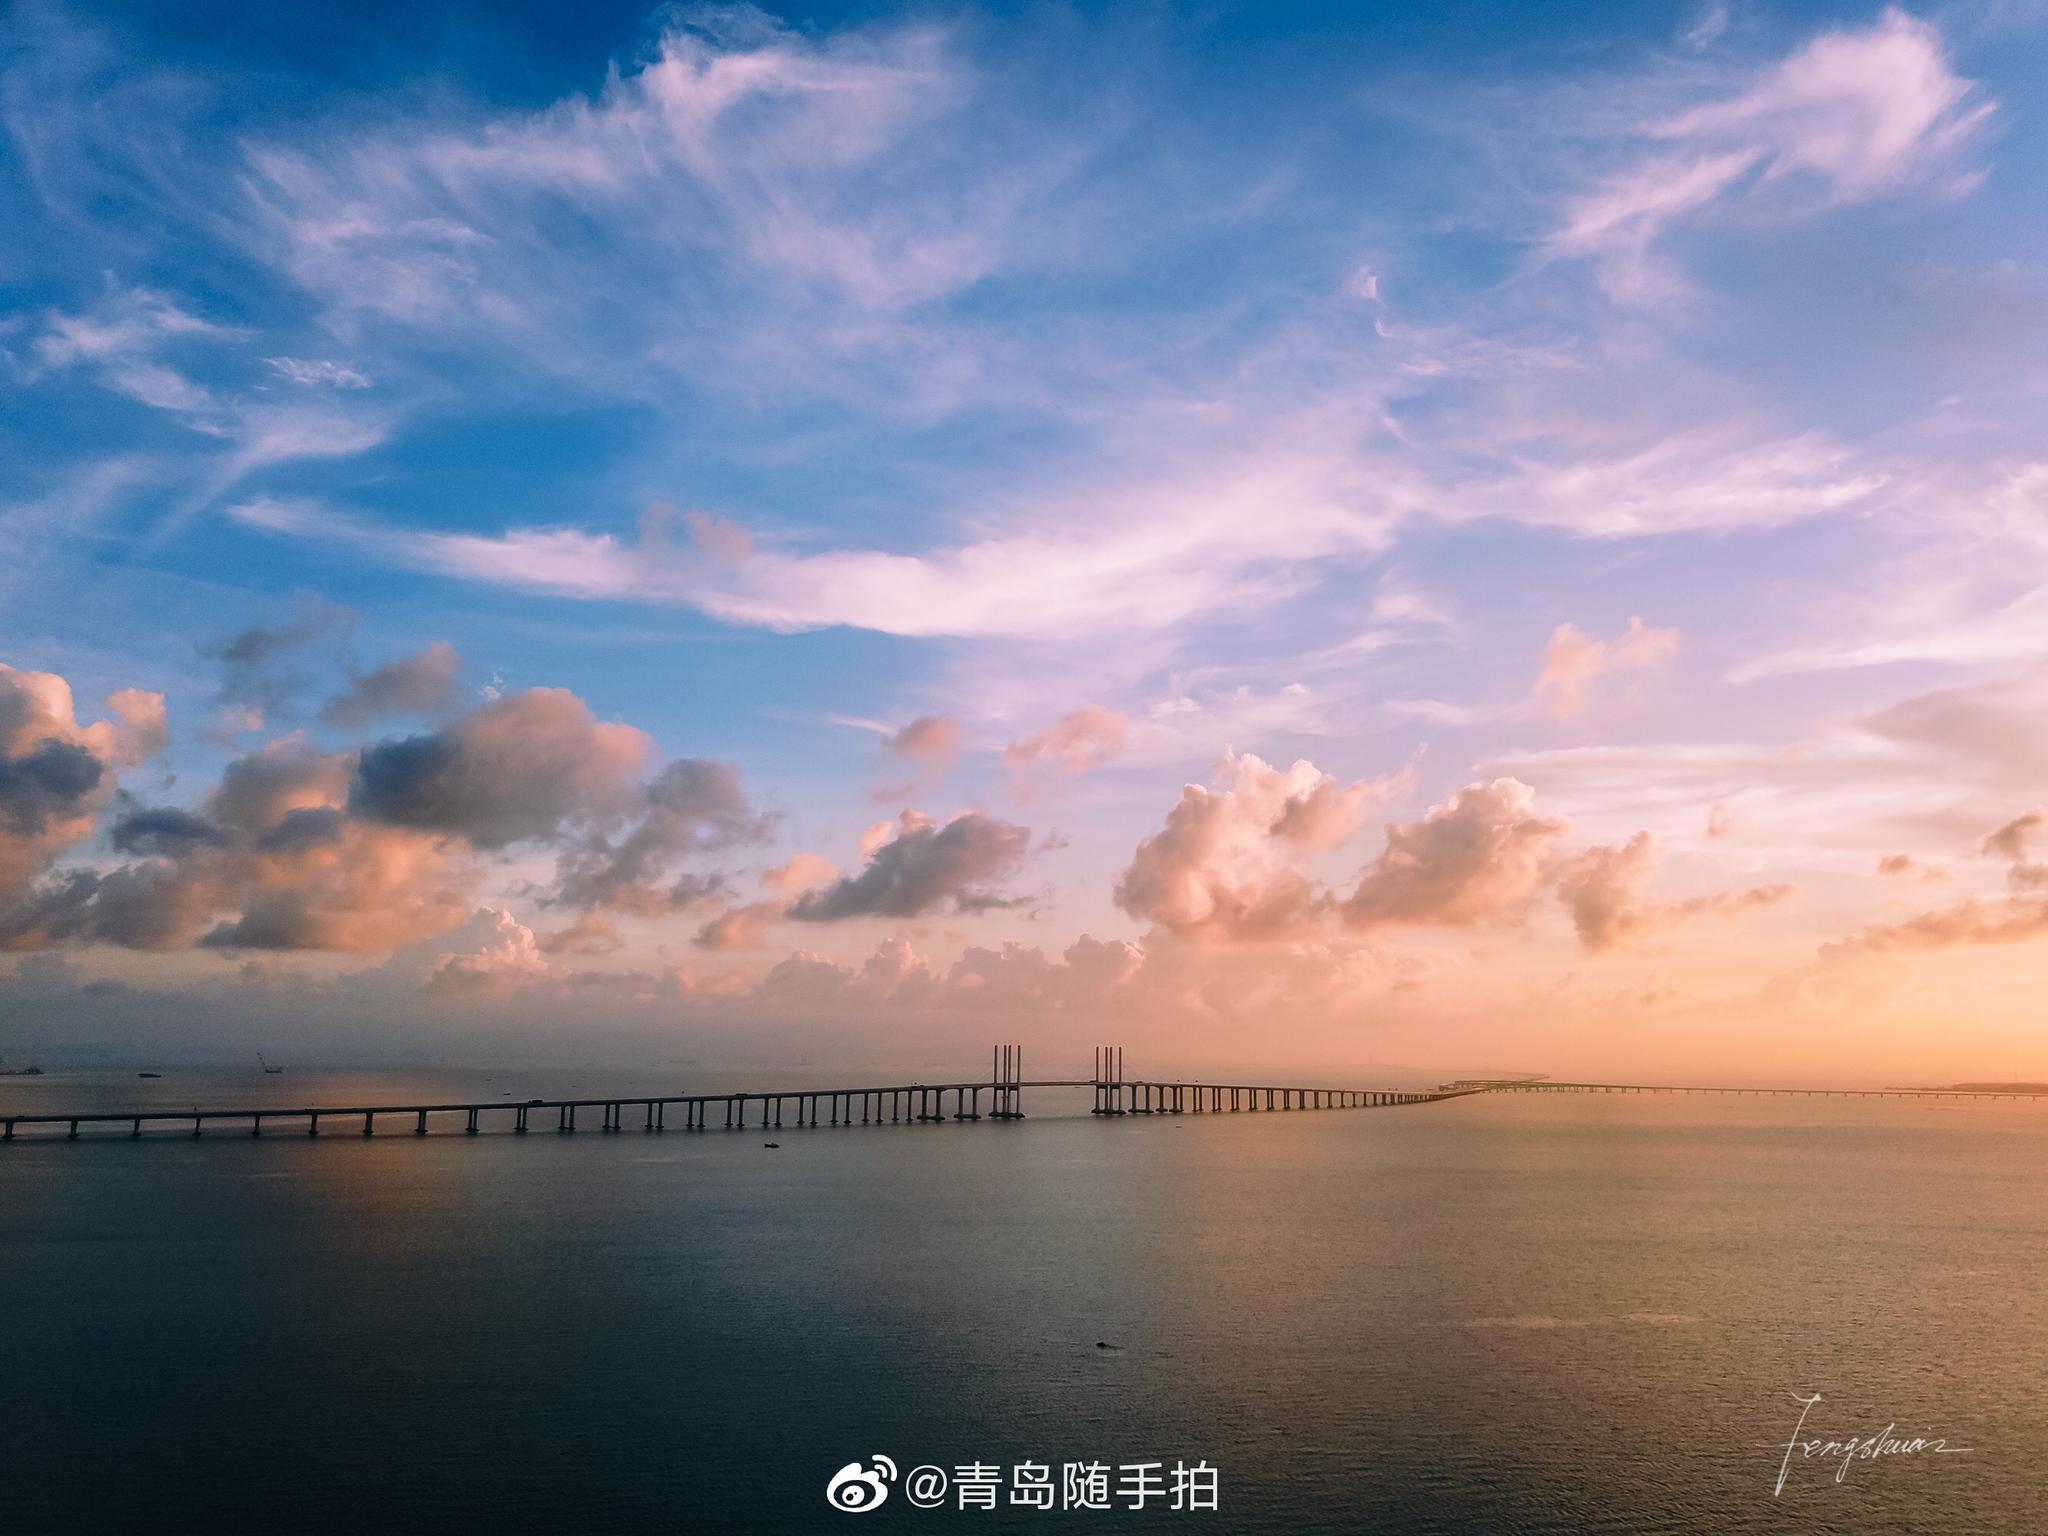 胶州湾大桥的晚霞,惊艳了时光